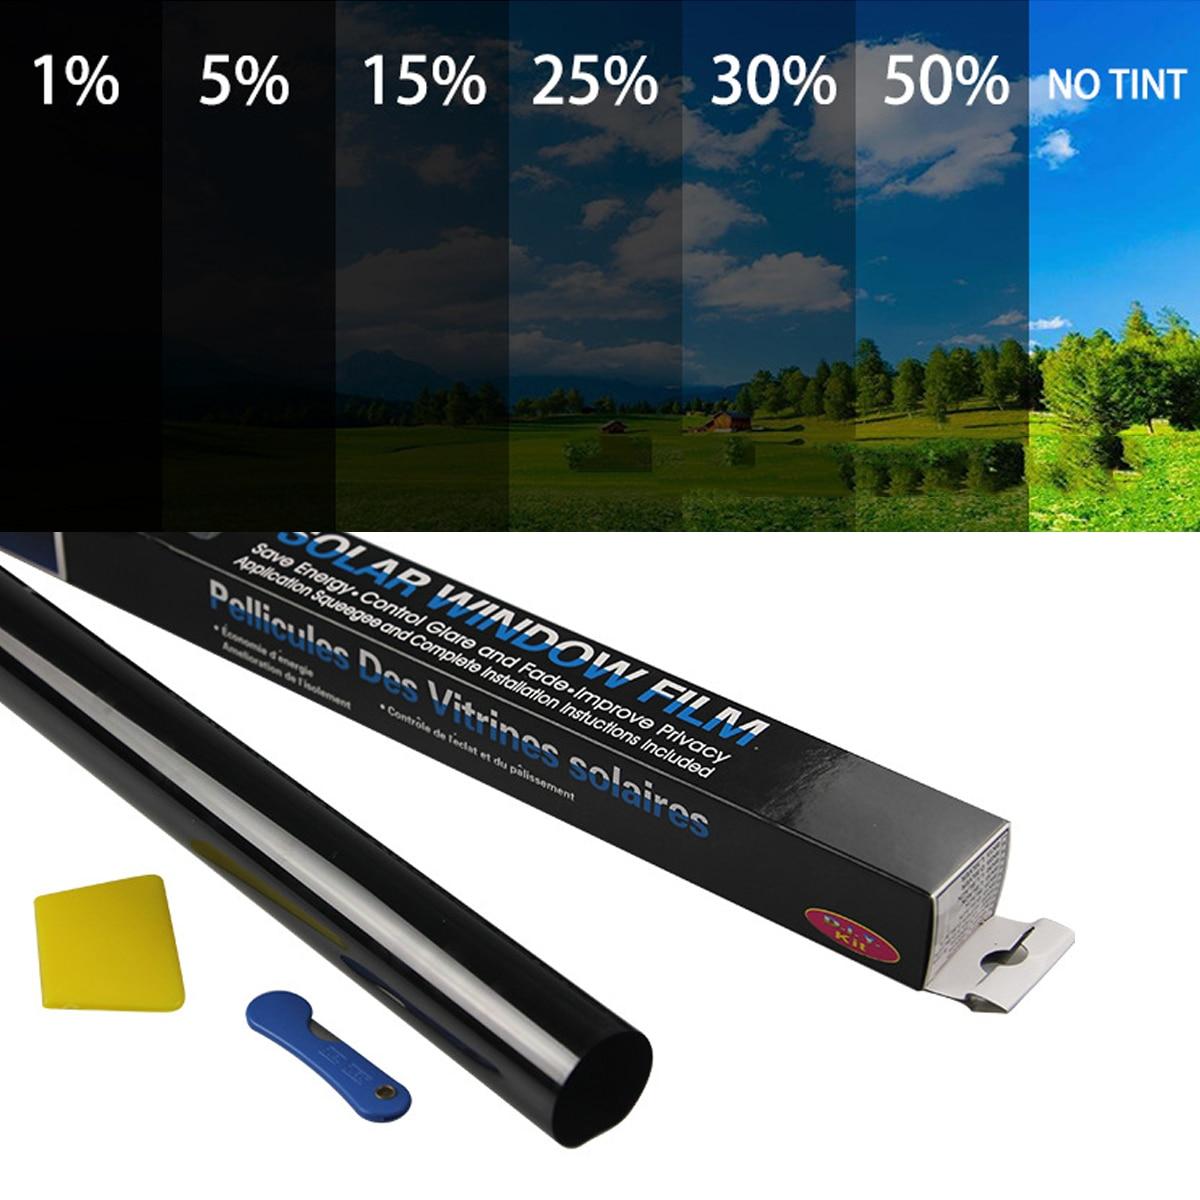 300cm x 50cm 검은 차 창 포일 색조 착색 필름 롤 자동차 자동 홈 창 유리 여름 태양 자외선 보호기 스티커 필름